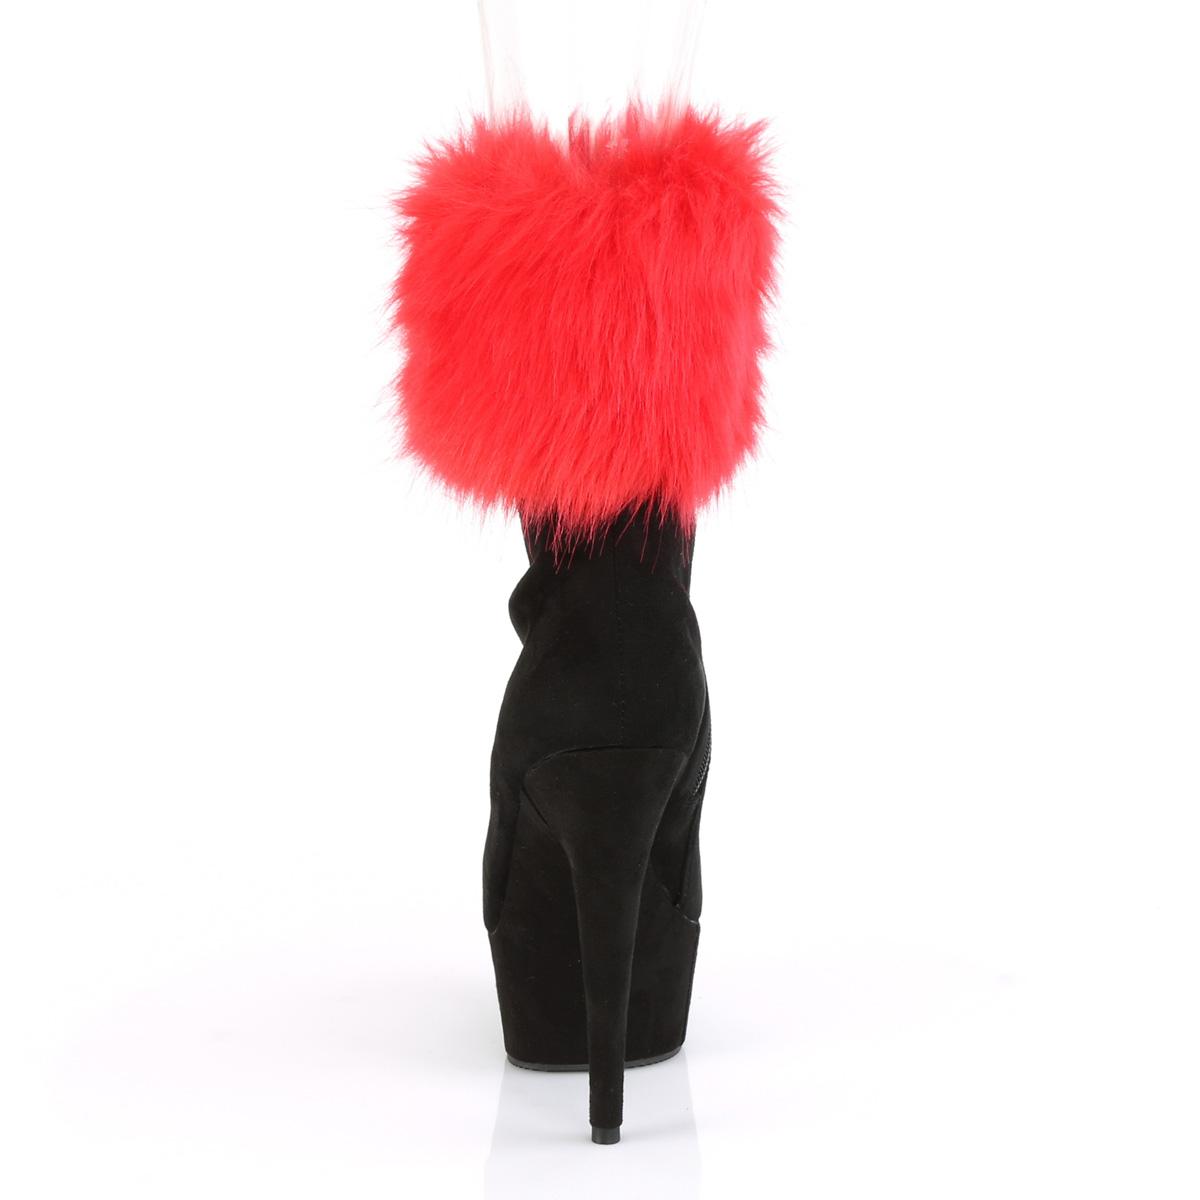 Pleaser(プリーザー) DELIGHT-1000 取替可能な4色のふさふさファーカフ付き フェイクスウェードショートブーツ 黒◆取り寄せ